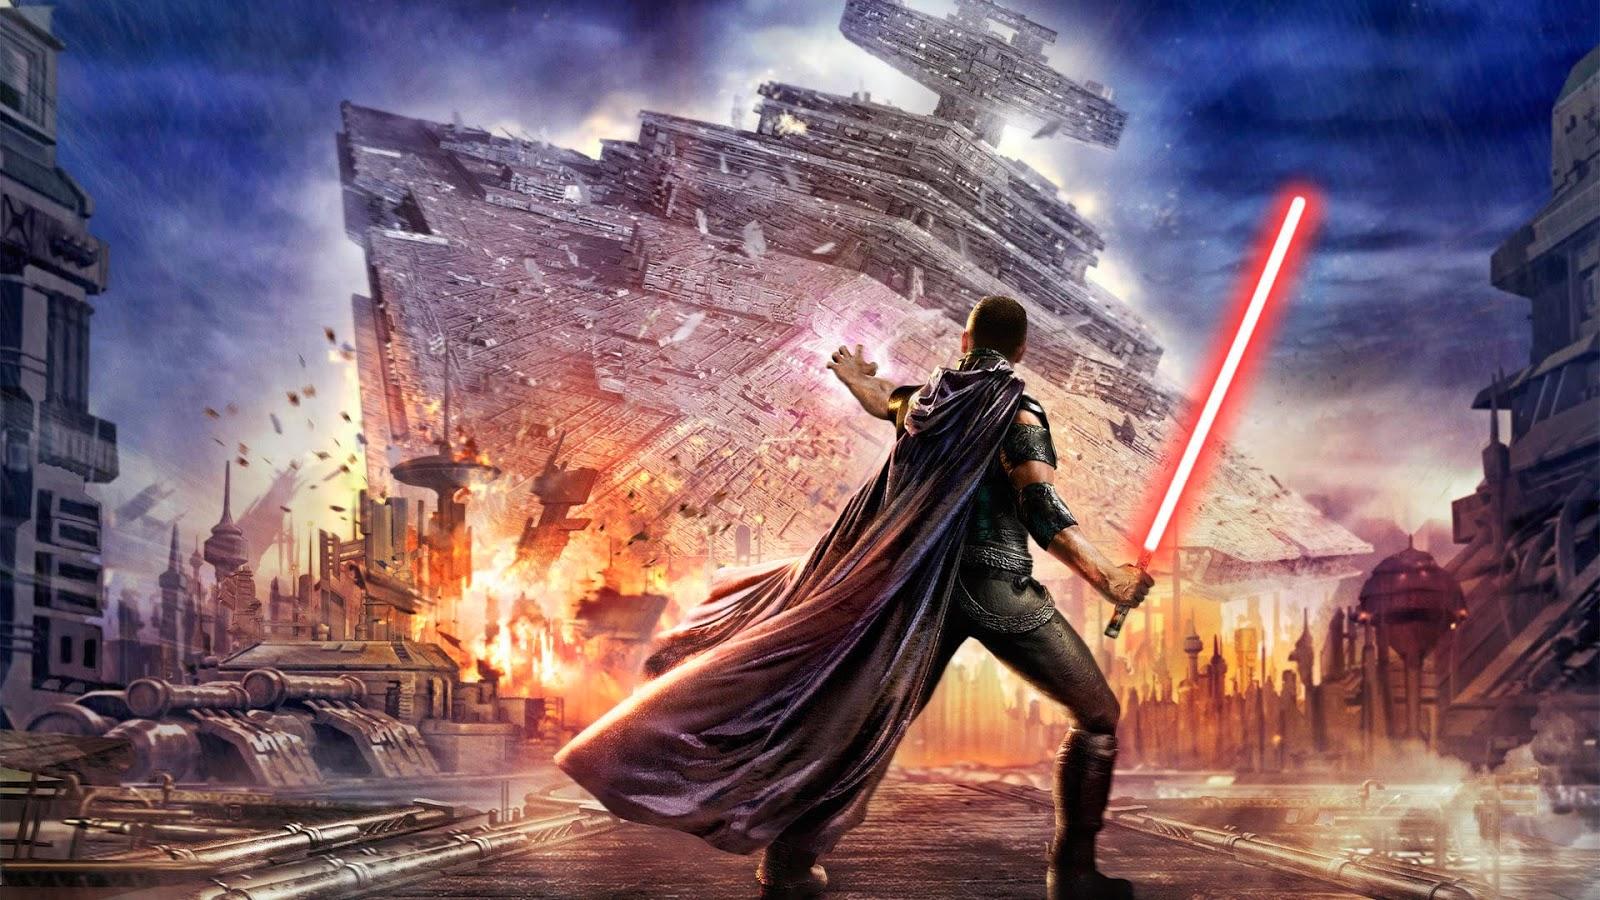 A Jedi taking down a Star Destoyer